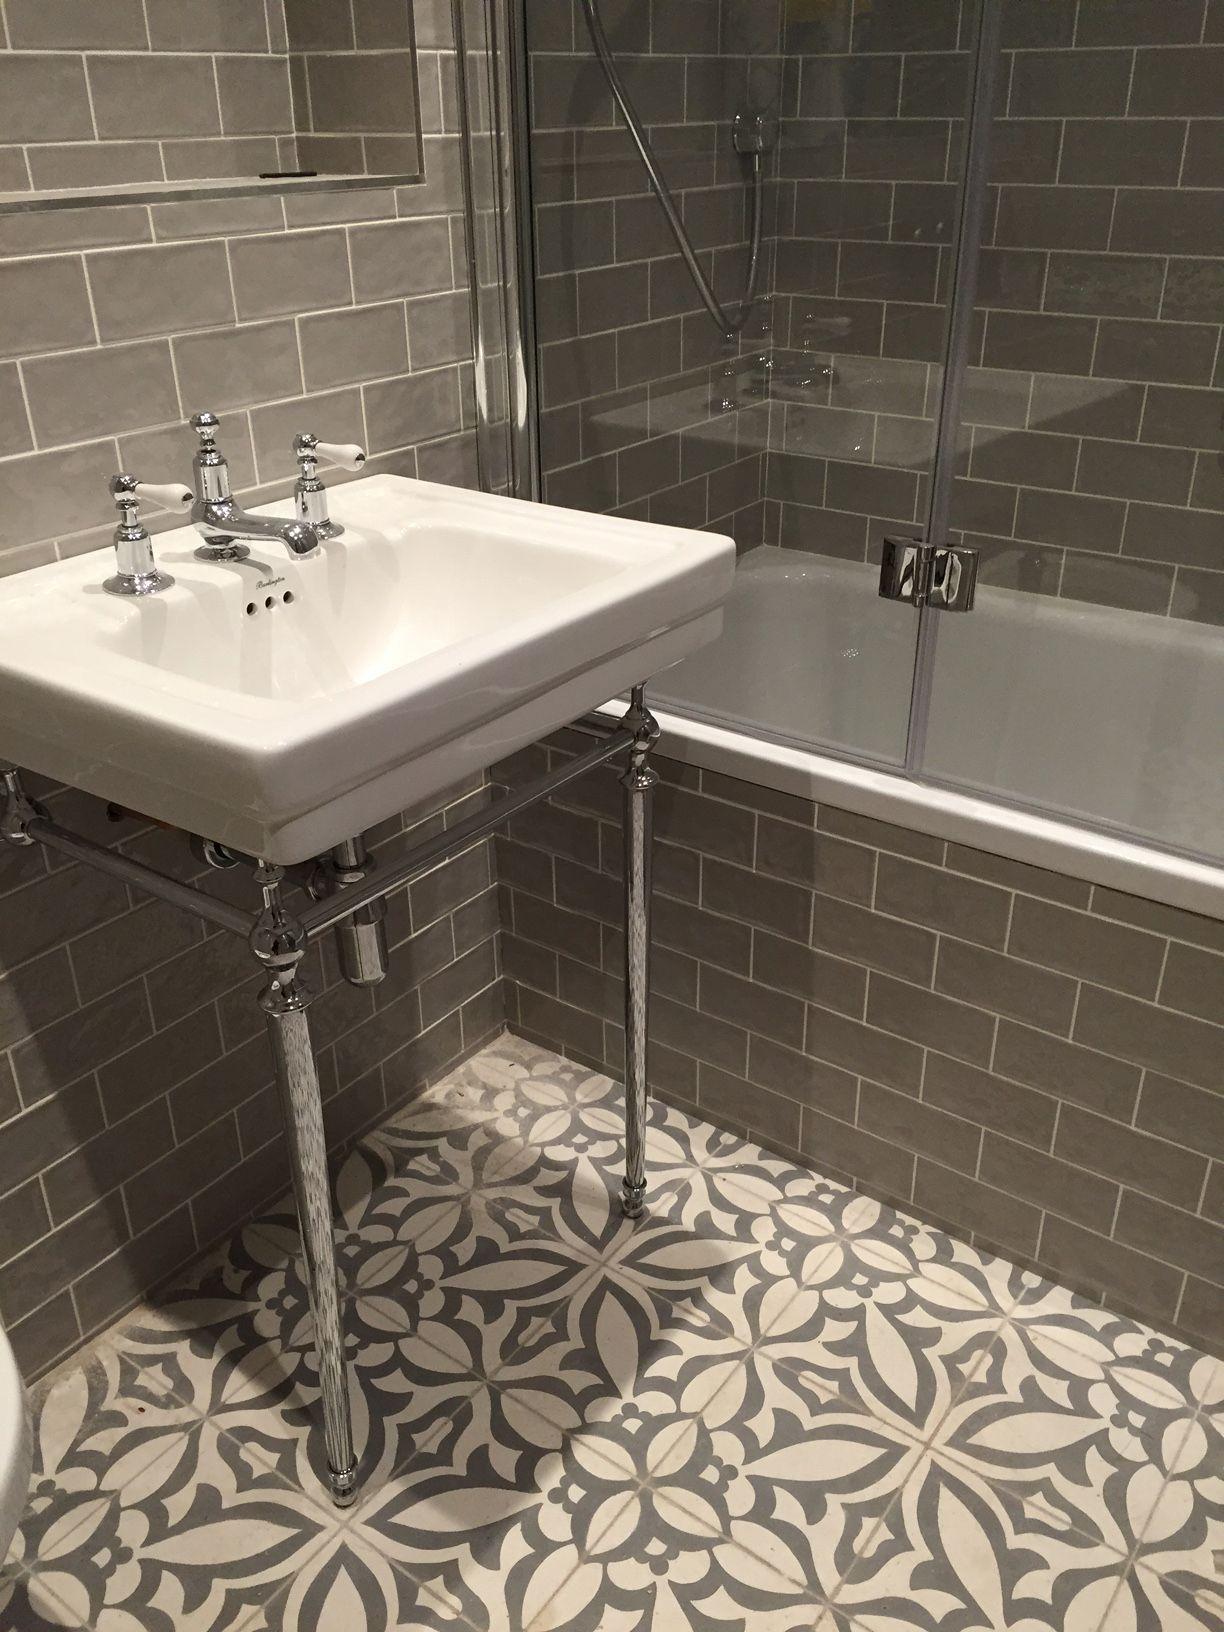 Hunderte Von Ideen Und Designs Fur Gelander In 2020 Vintage Bathroom Tile Bathroom Tile Designs Bathroom Floor Tiles